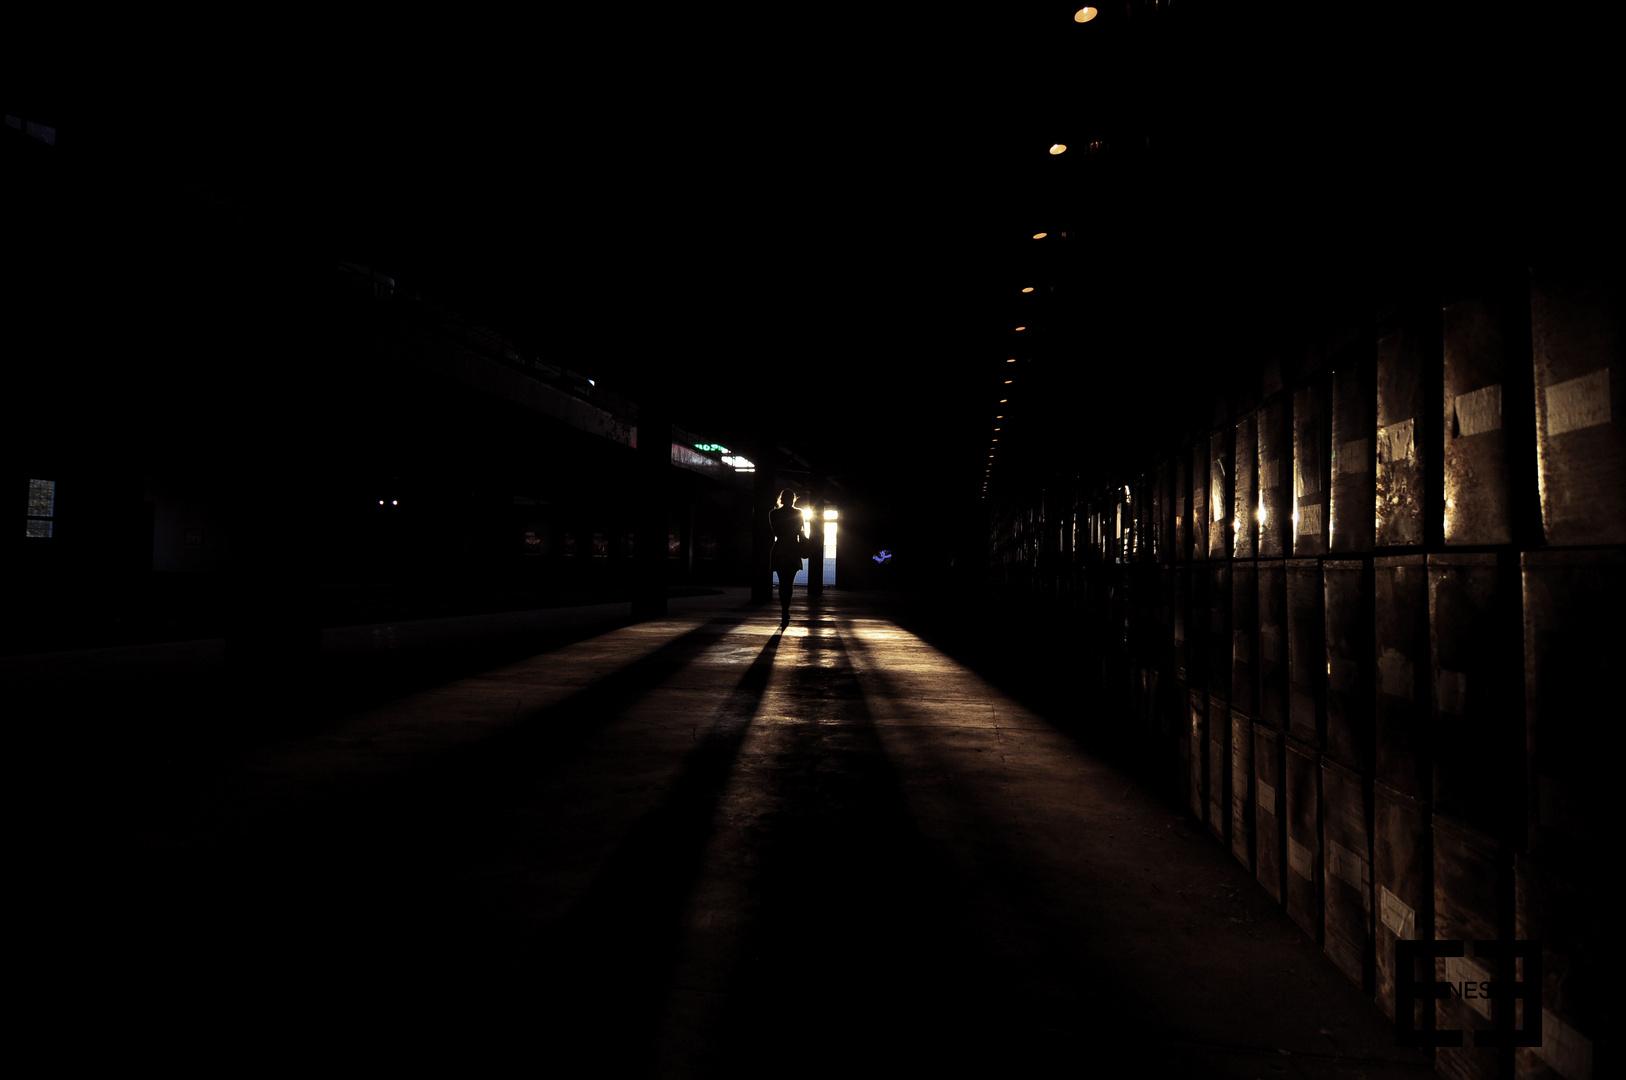 Human Shadow